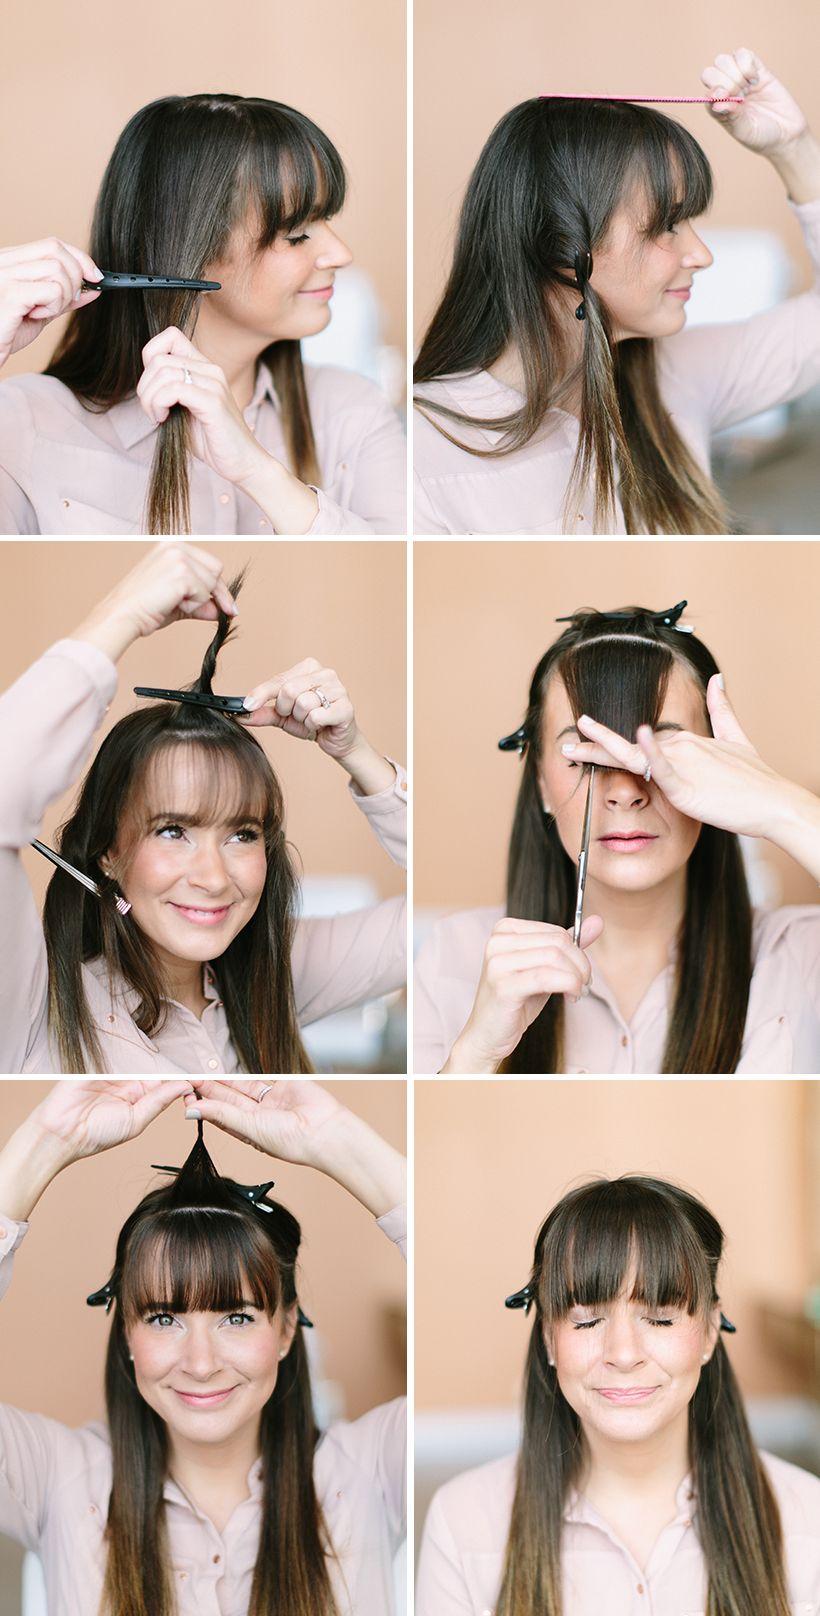 Pin on Hair tips + tricks